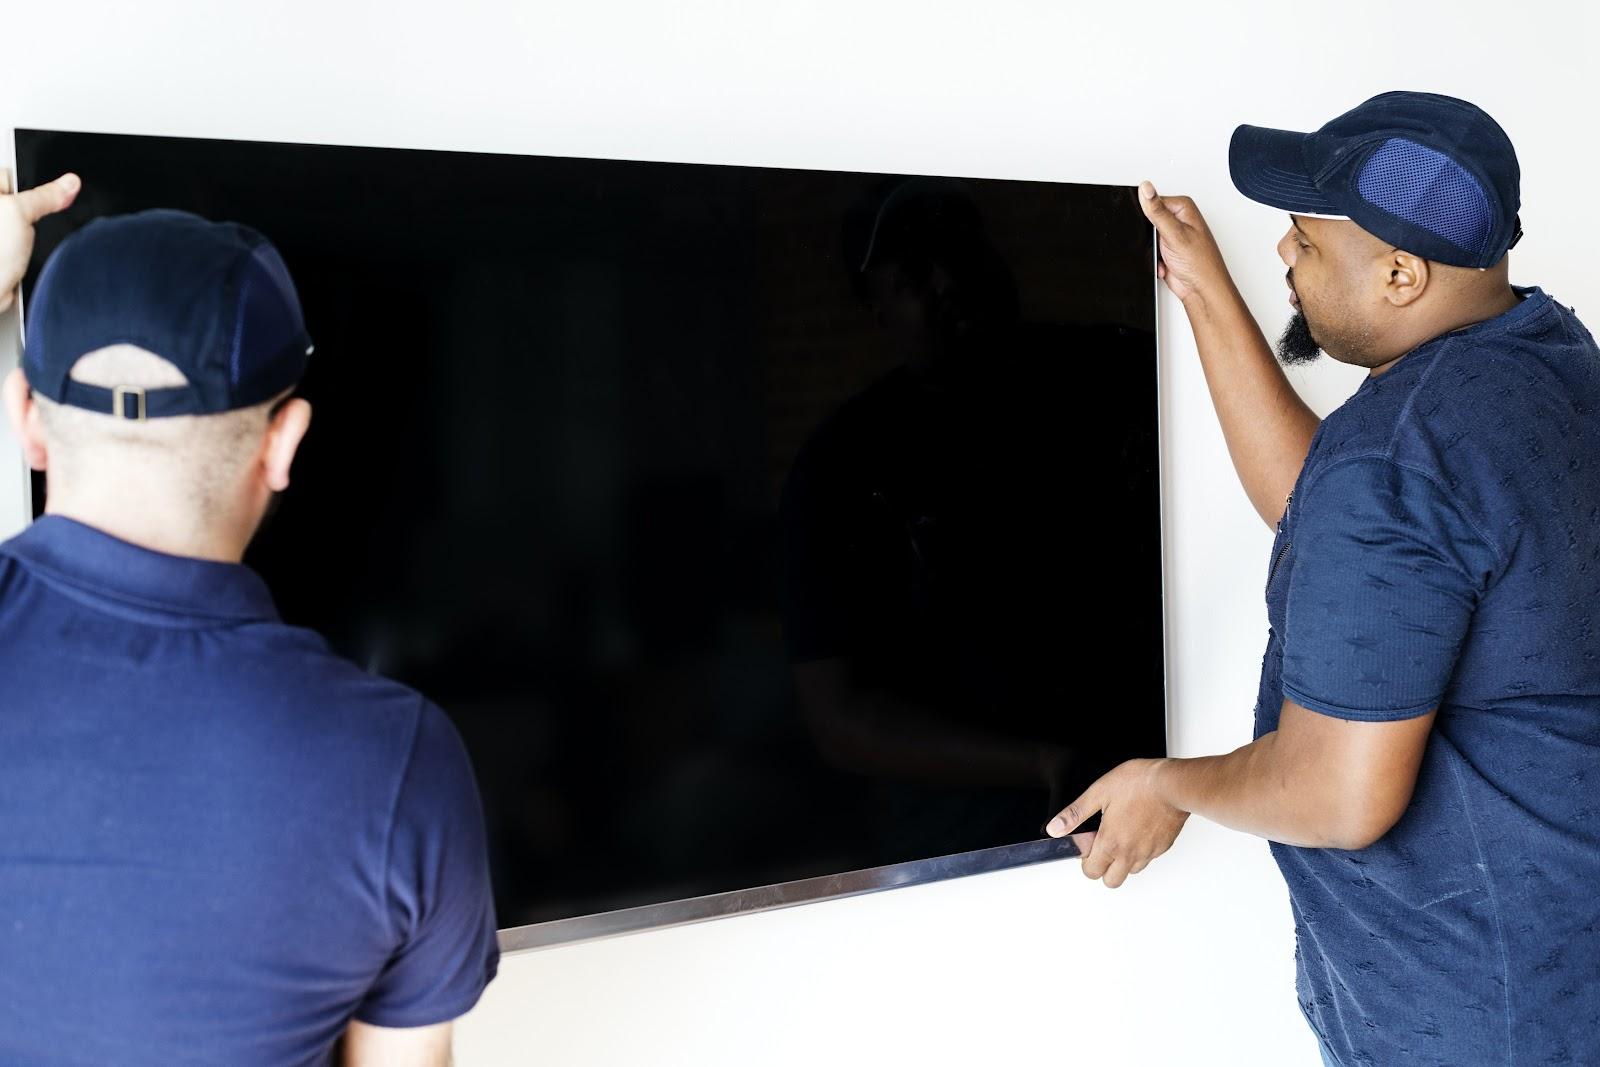 Dois técnicos instalando uma televisão.